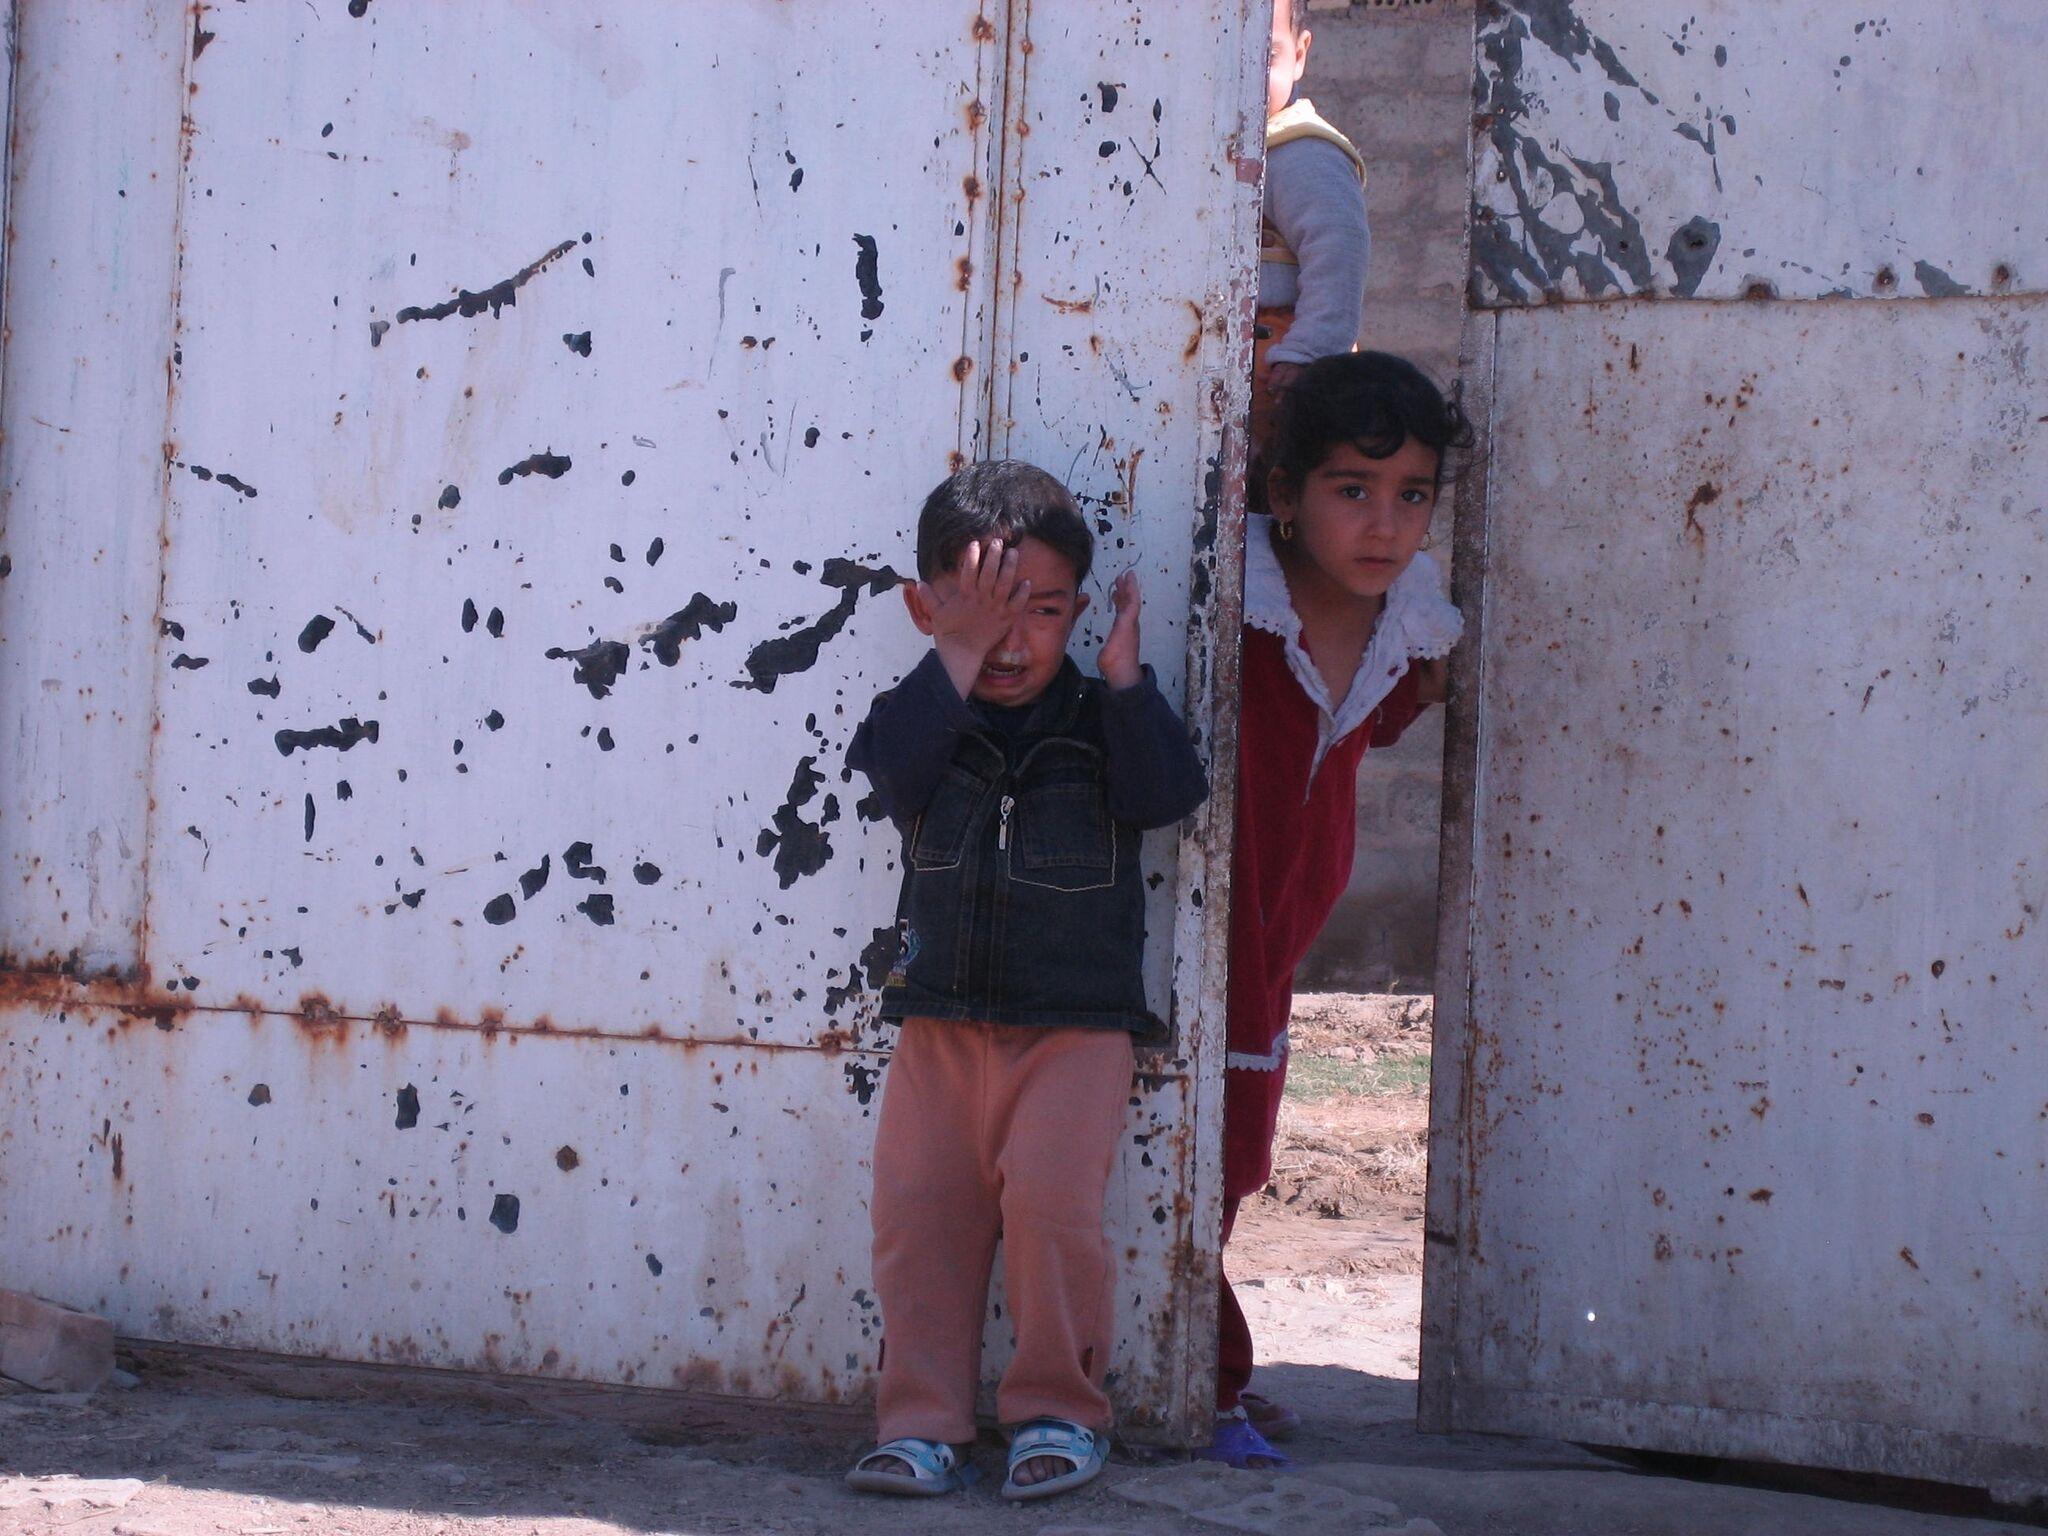 iraq crying boy no copyright